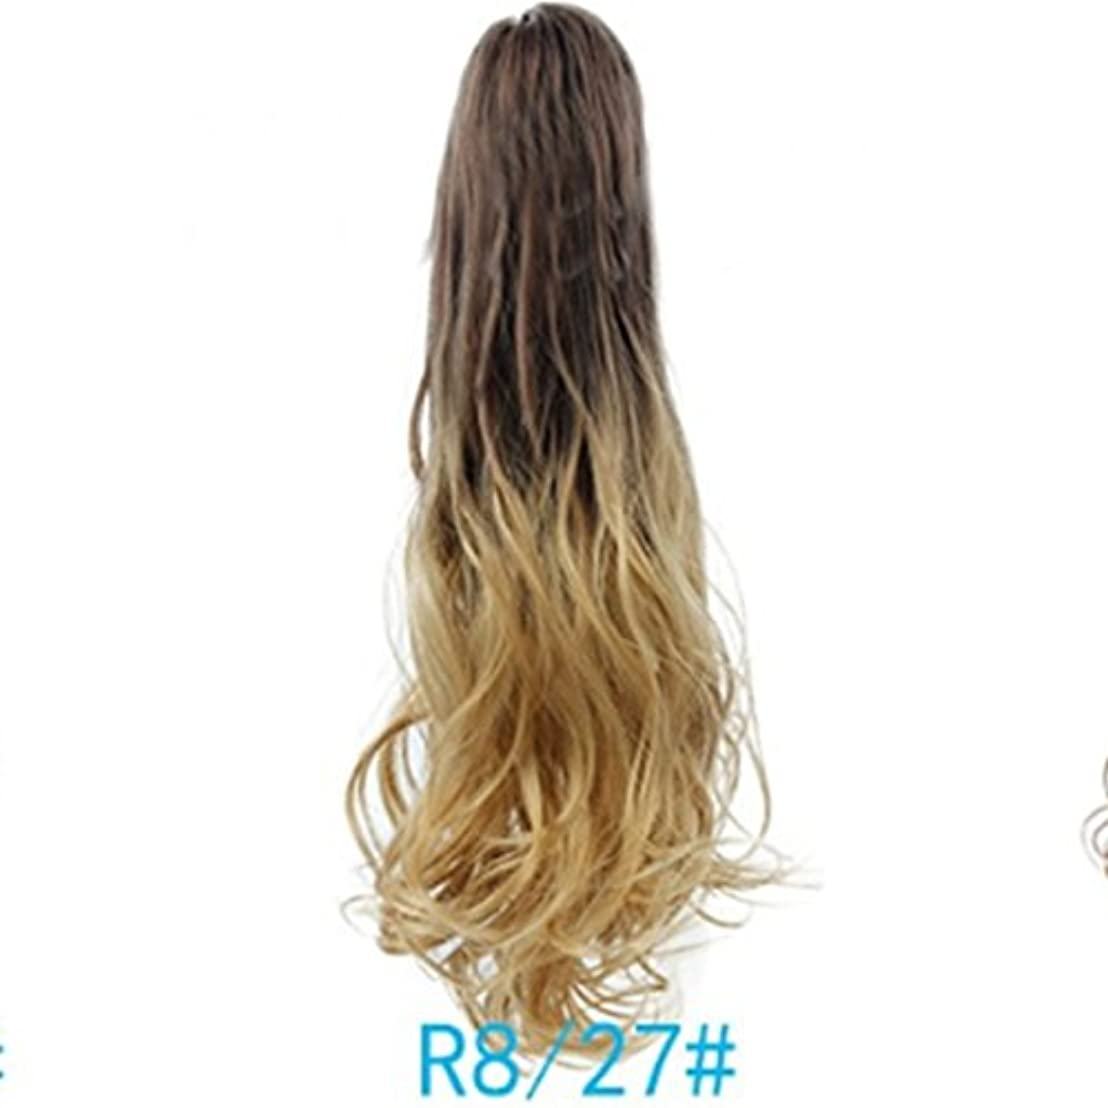 テレマコス累積サイトDoyvanntgo 21インチのクロークリップポニーテールウィッグ女性のための大きなウェーブロールヘアピースカーリーポニーテールウィッグロングロールインビジブルシームレスヘアトリムヘア (Color : R8/27#)